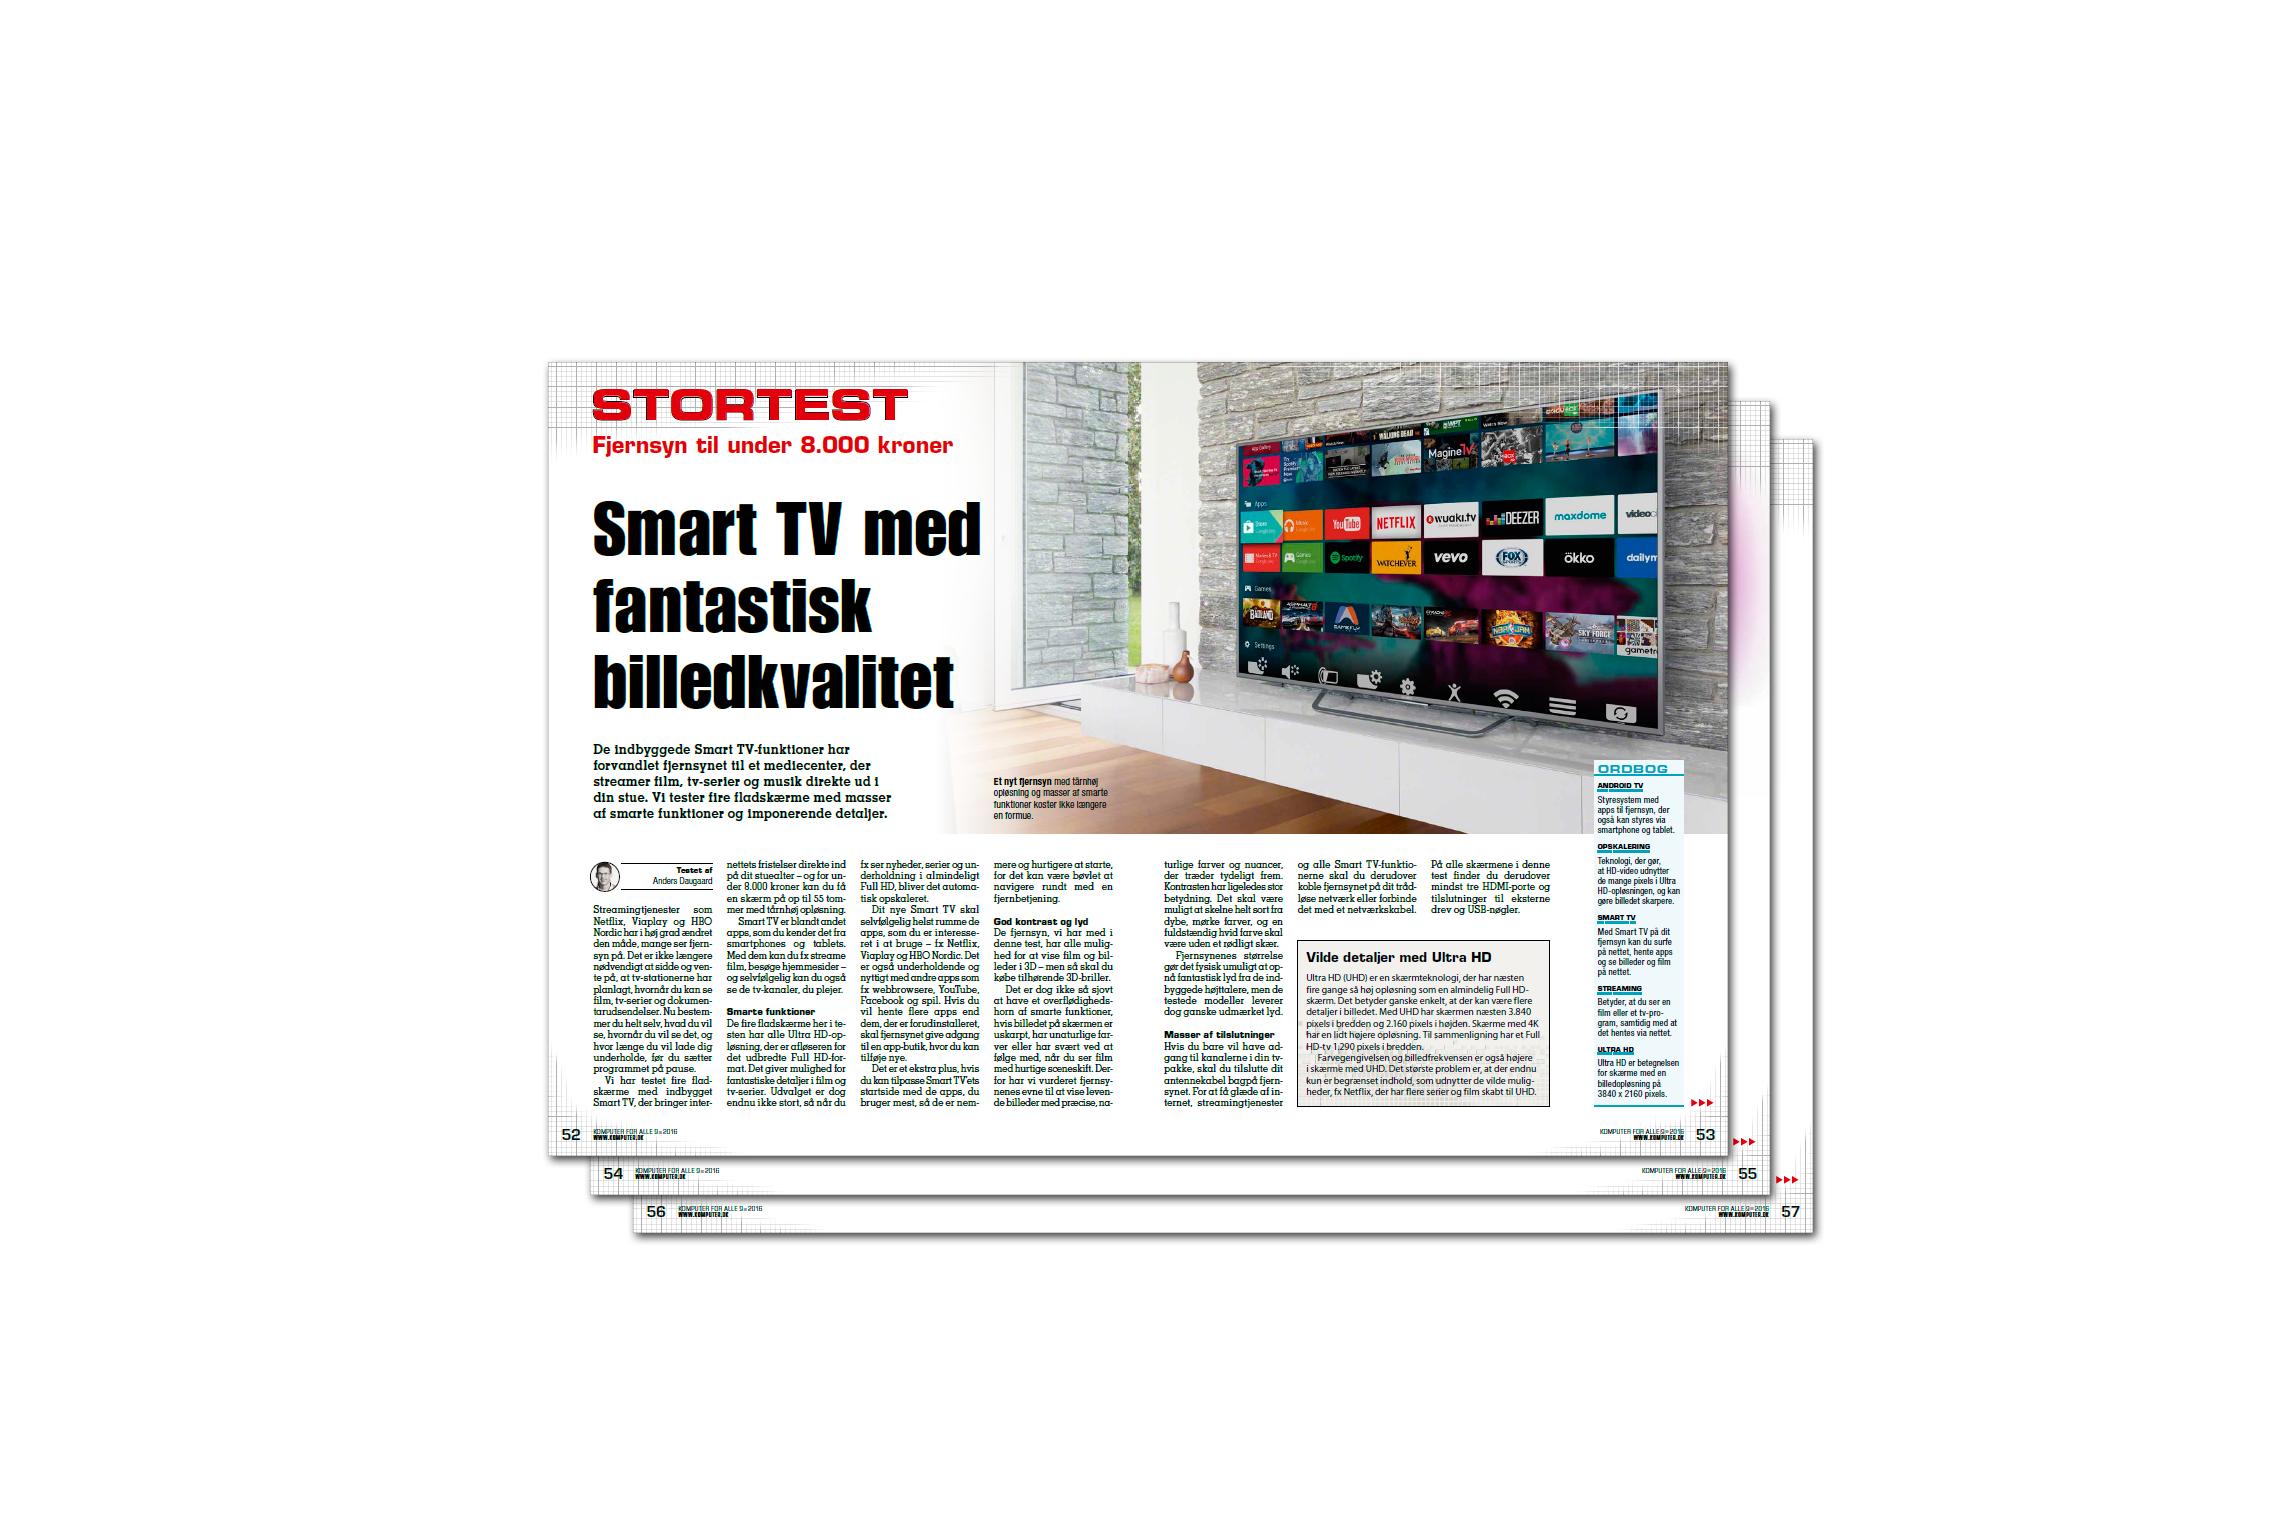 Smart TV med fantastisk billedkvalitet  d7ebd1790ee93